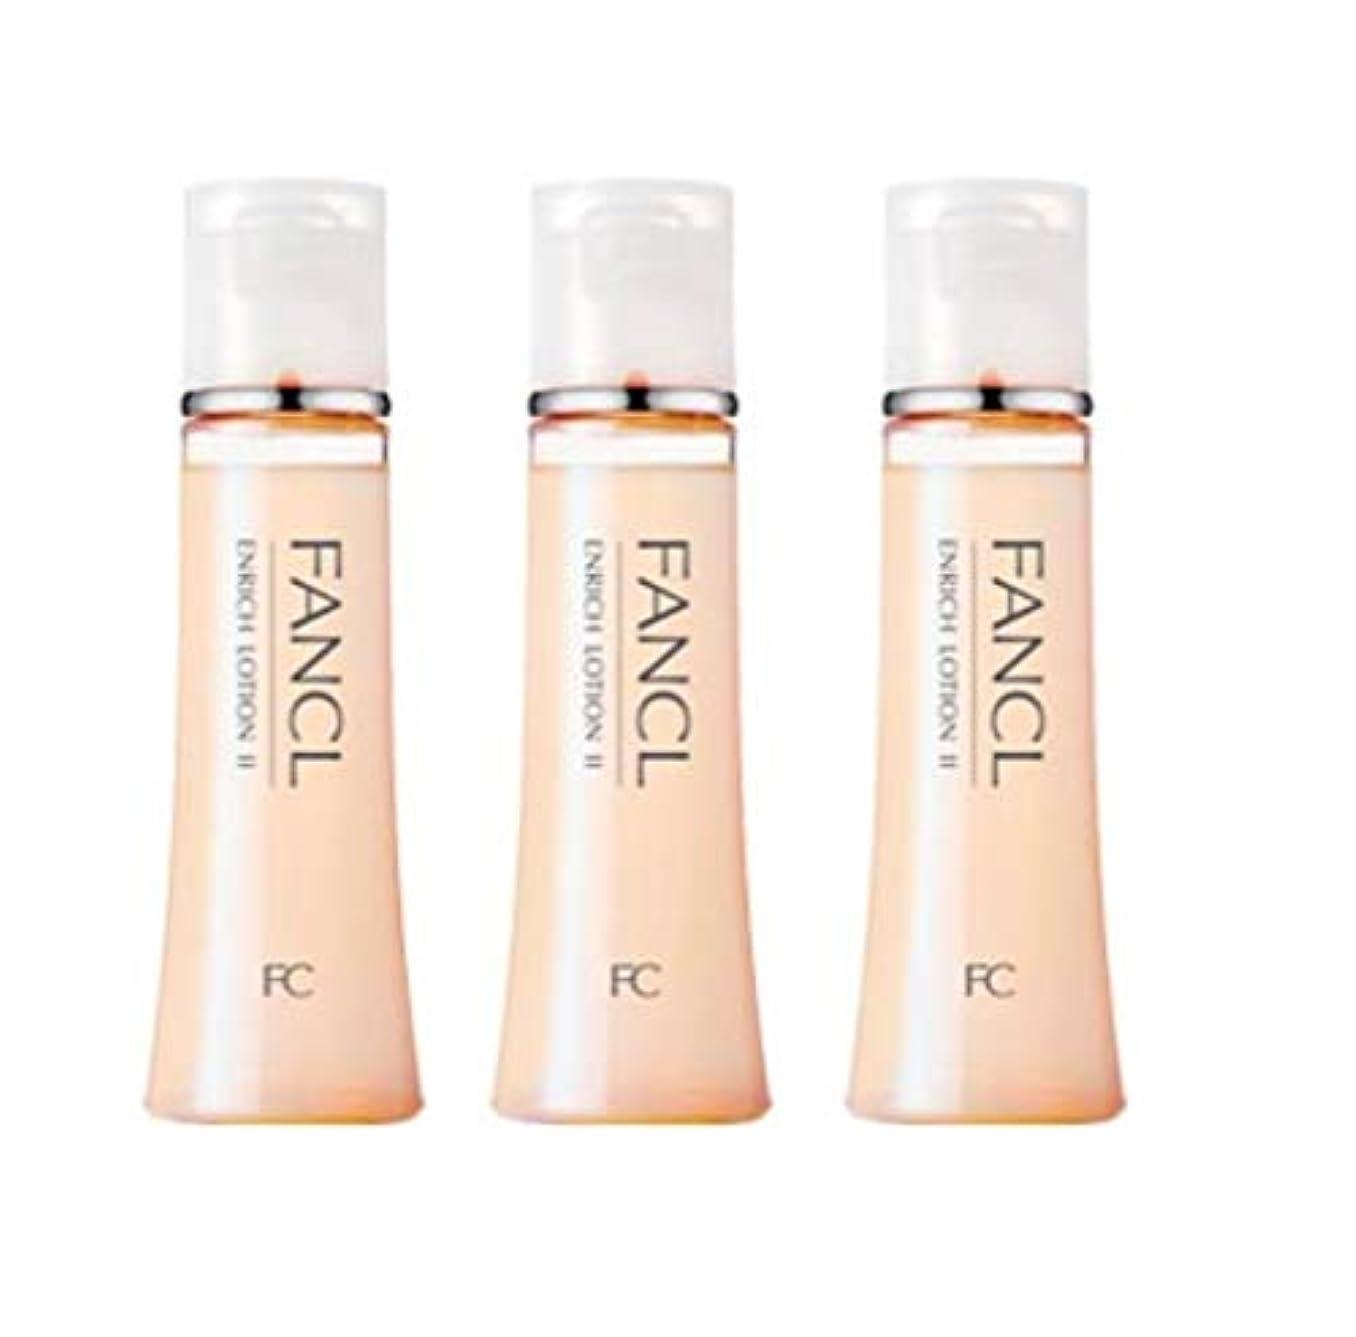 不完全な大事にするリスナーファンケル(FANCL)エンリッチ 化粧液II しっとり 3本セット(30mL×3)